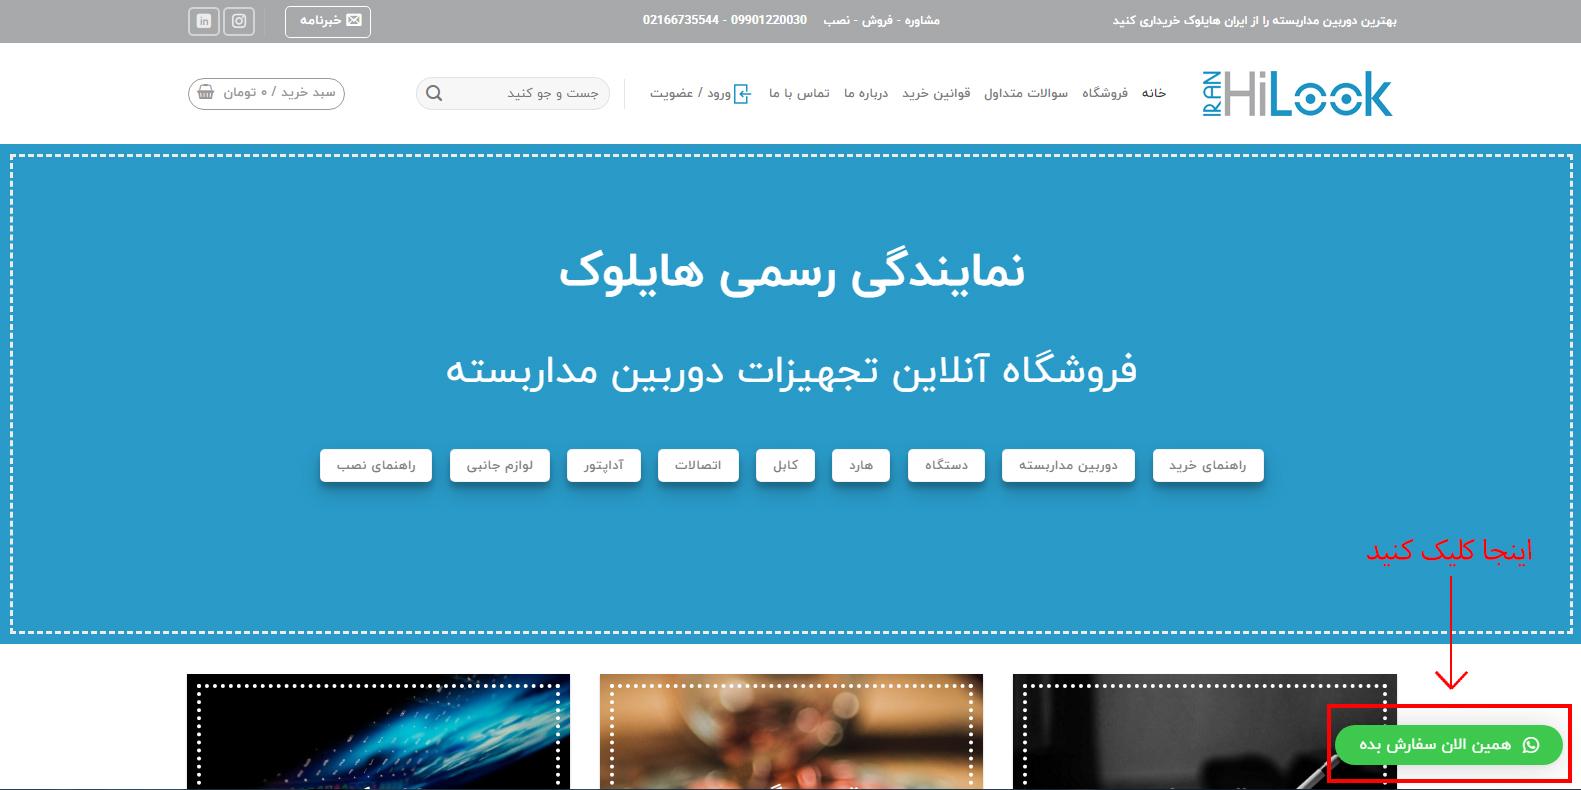 واتساپ-ایران-هایلوک